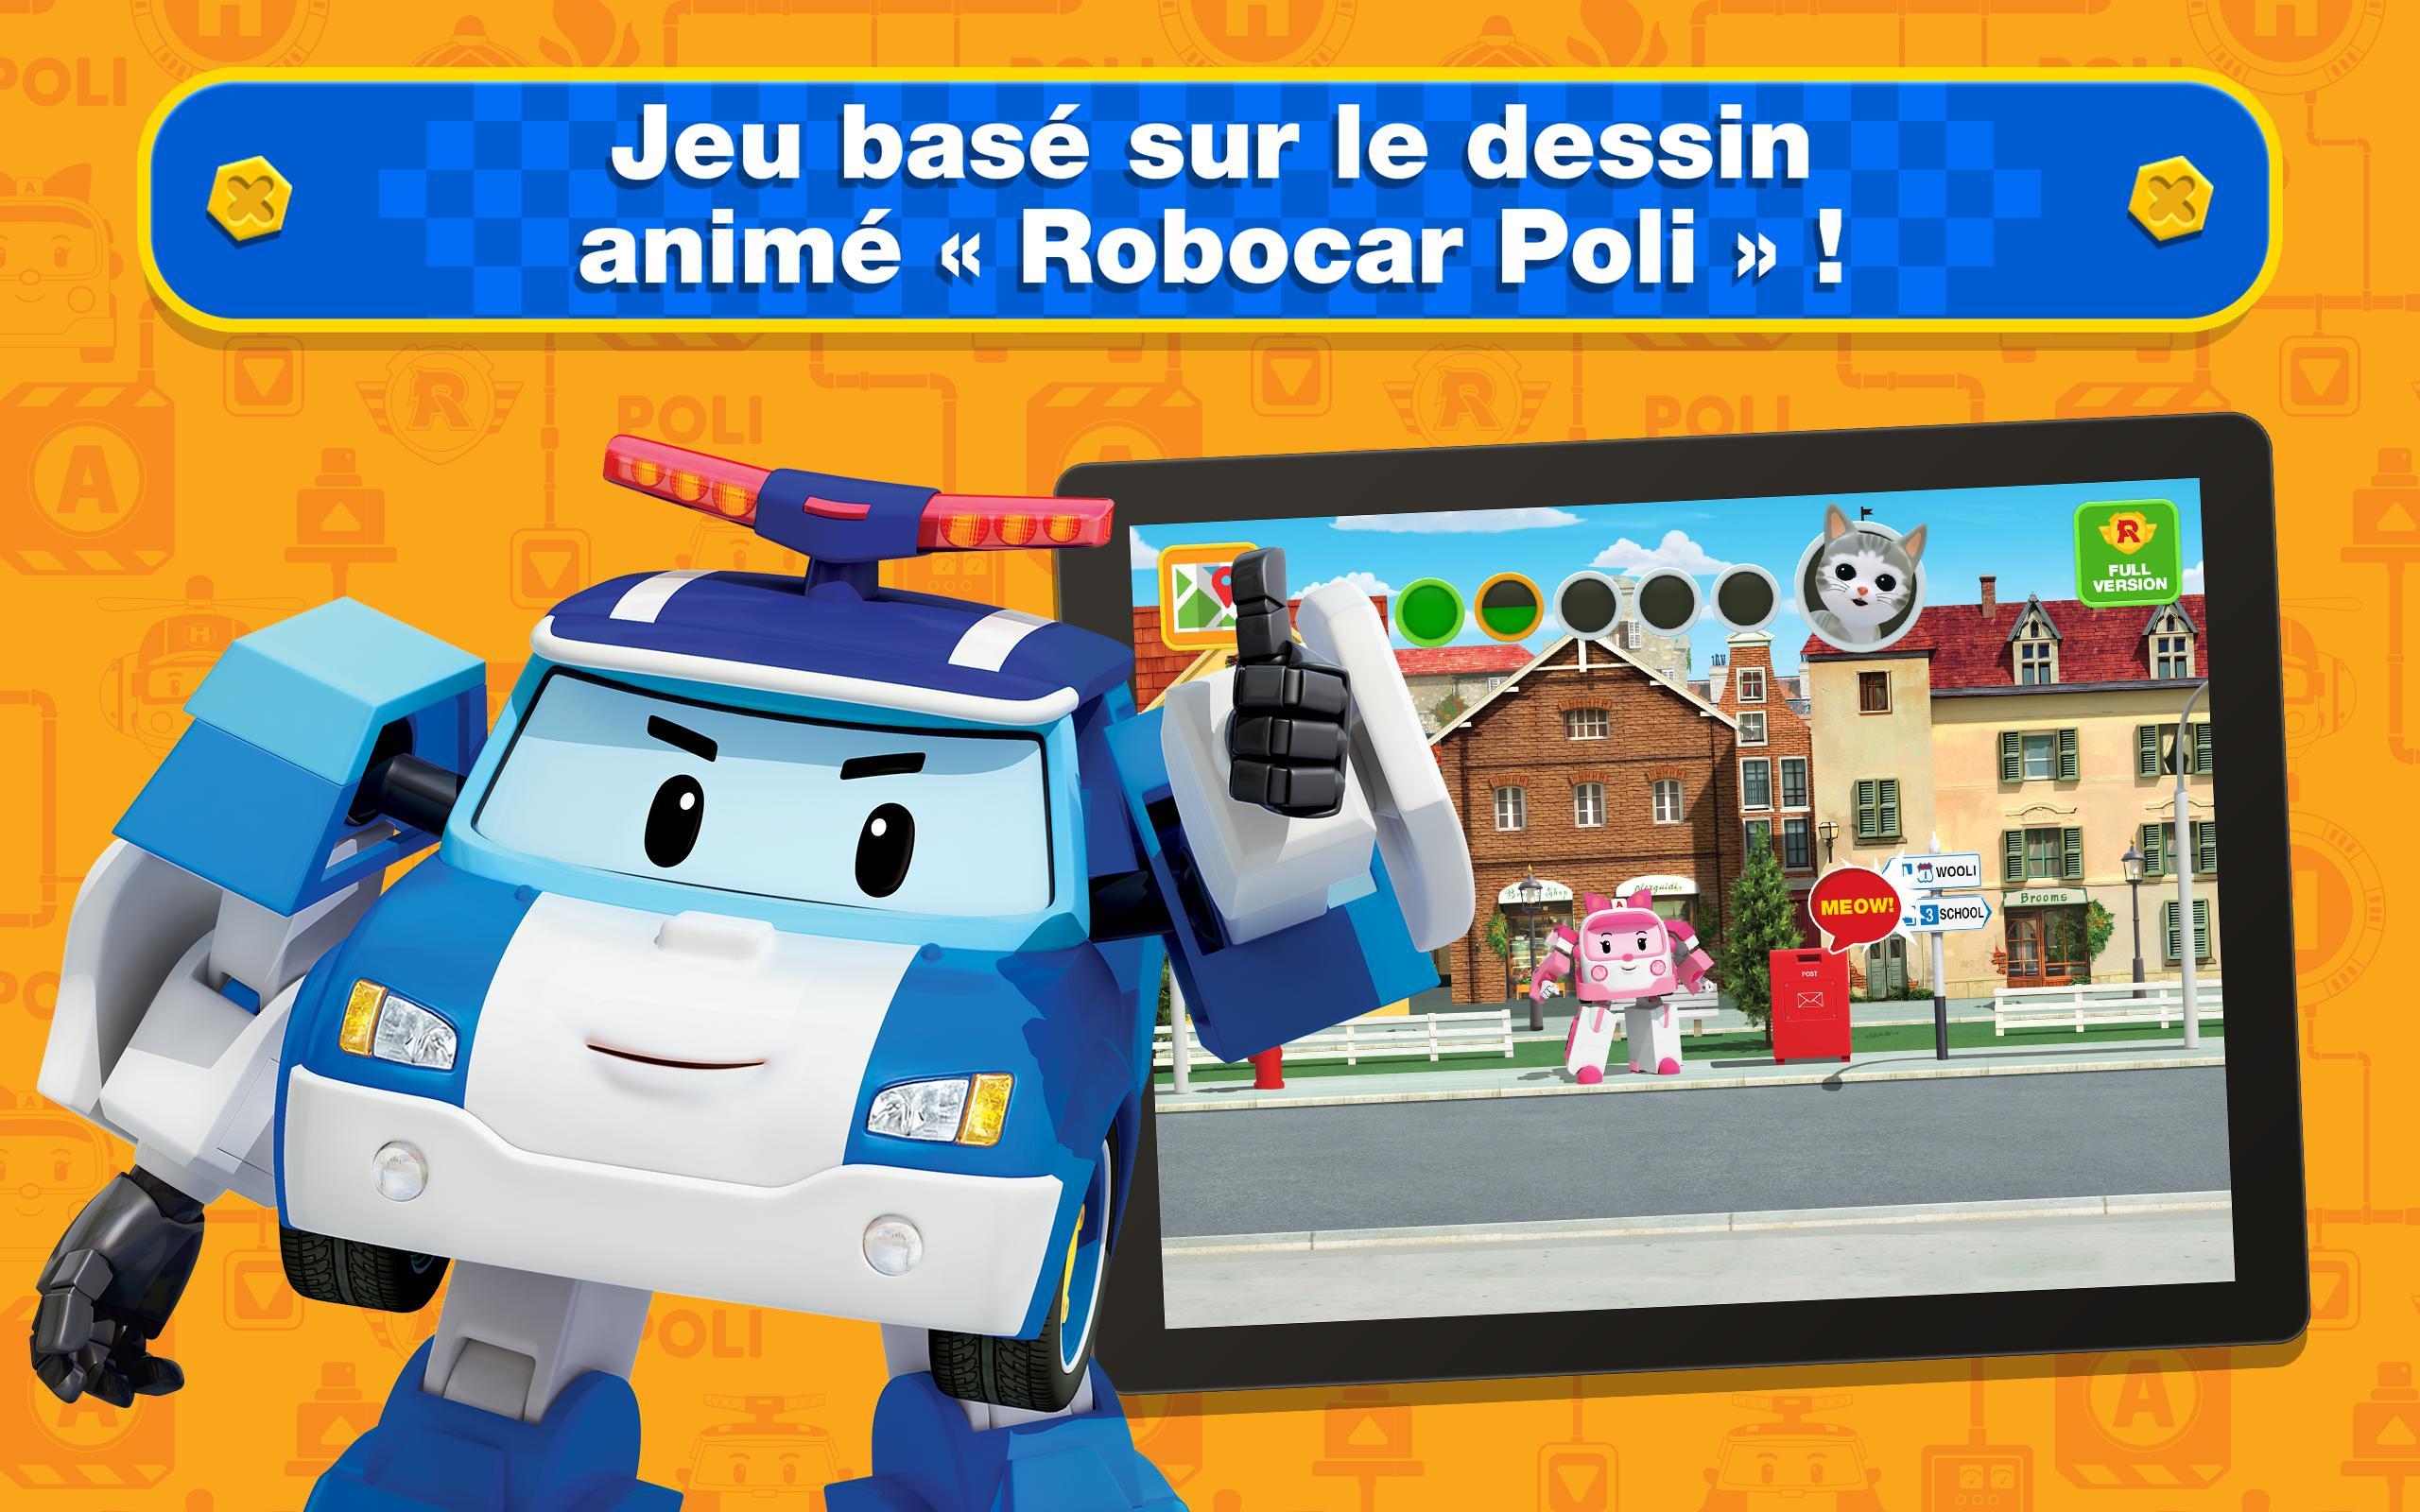 Robocar Poli Jeux 3 4 5 Ans Gratuit Games For Boys Pour encequiconcerne Jeux Gratuit 4 Ans